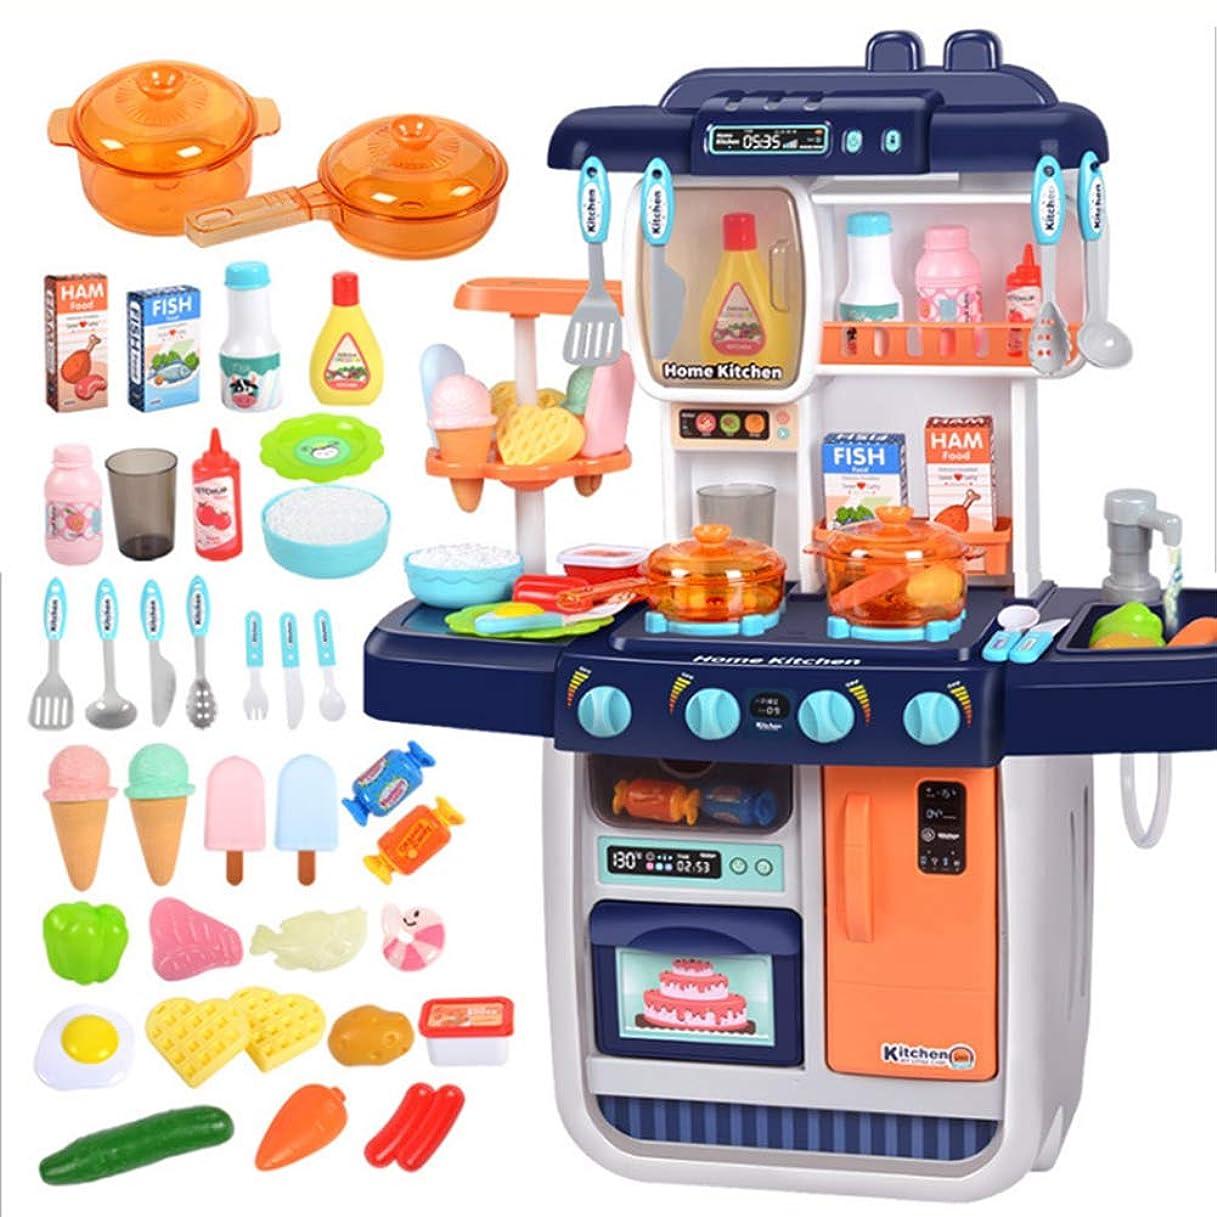 健康的ゲインセイ解任キッズプレイキッチンのおもちゃキッチンプレイセットのふりをするリアルなライトとサウンドの幼児用おもちゃ、女の子と男の子のためのその他のキッチンアクセサリー,ブルー